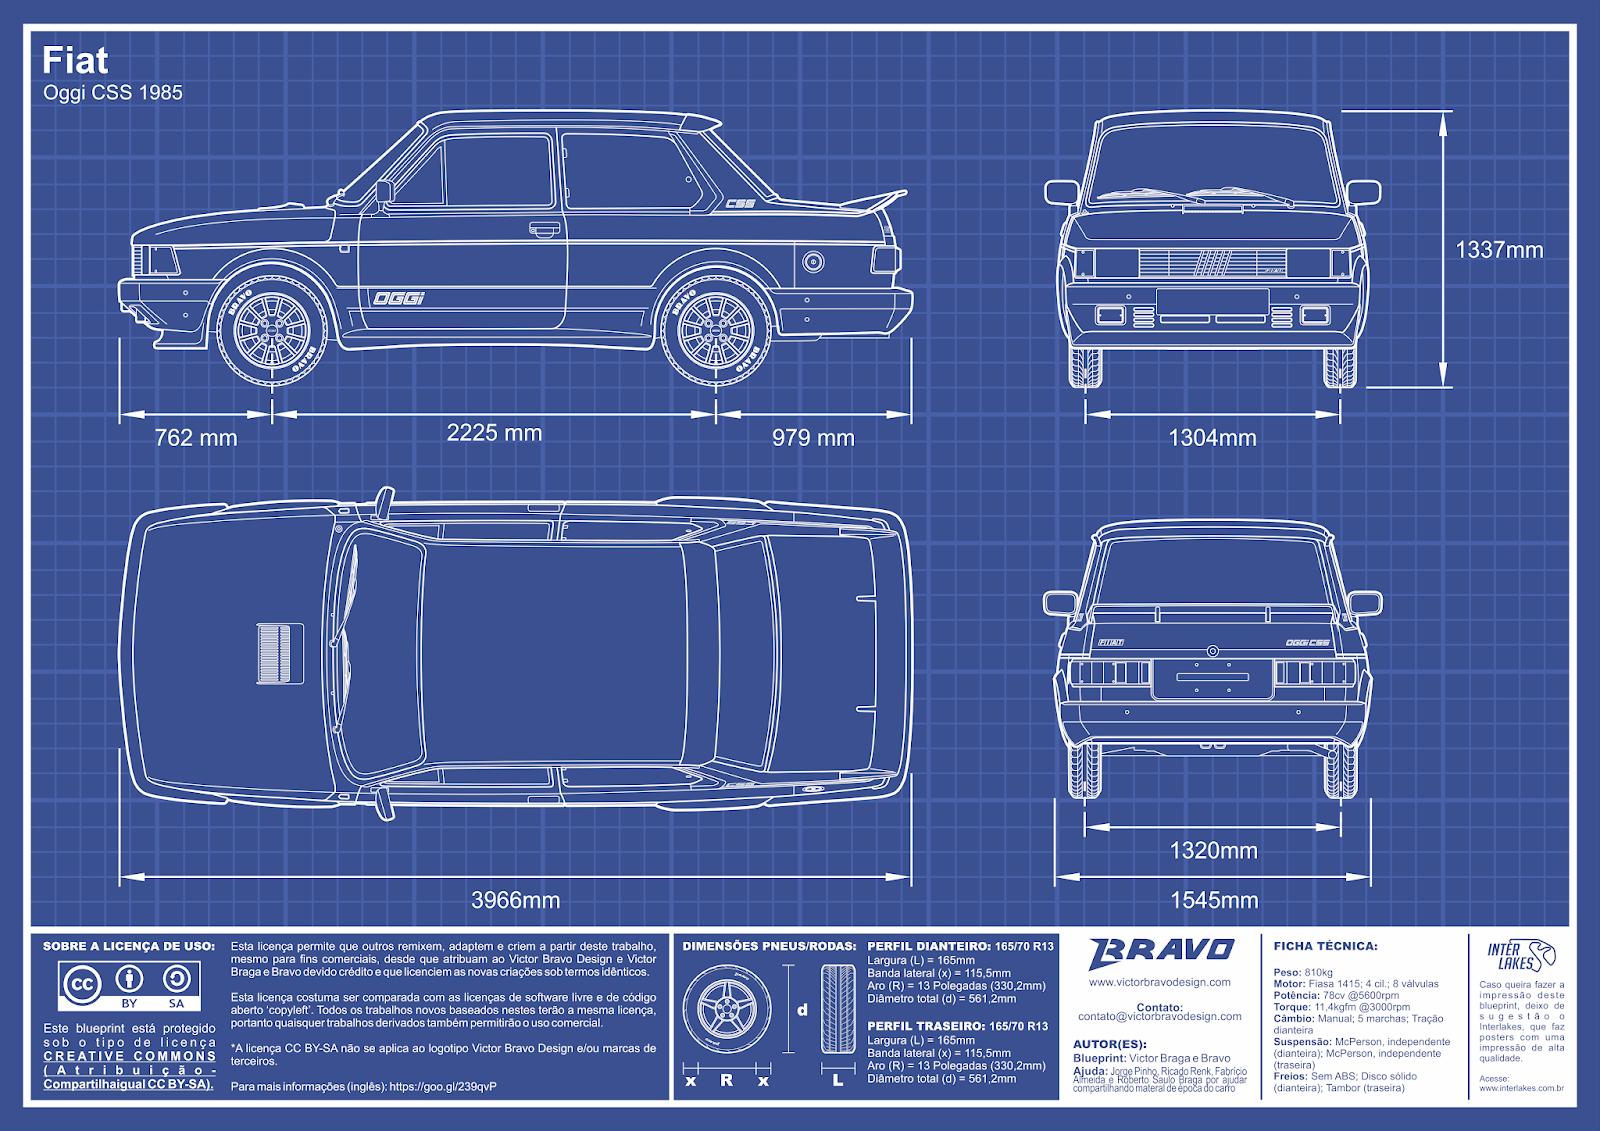 Imagem mostrando o desenho do blueprint do Fiat Oggi CSS 1985